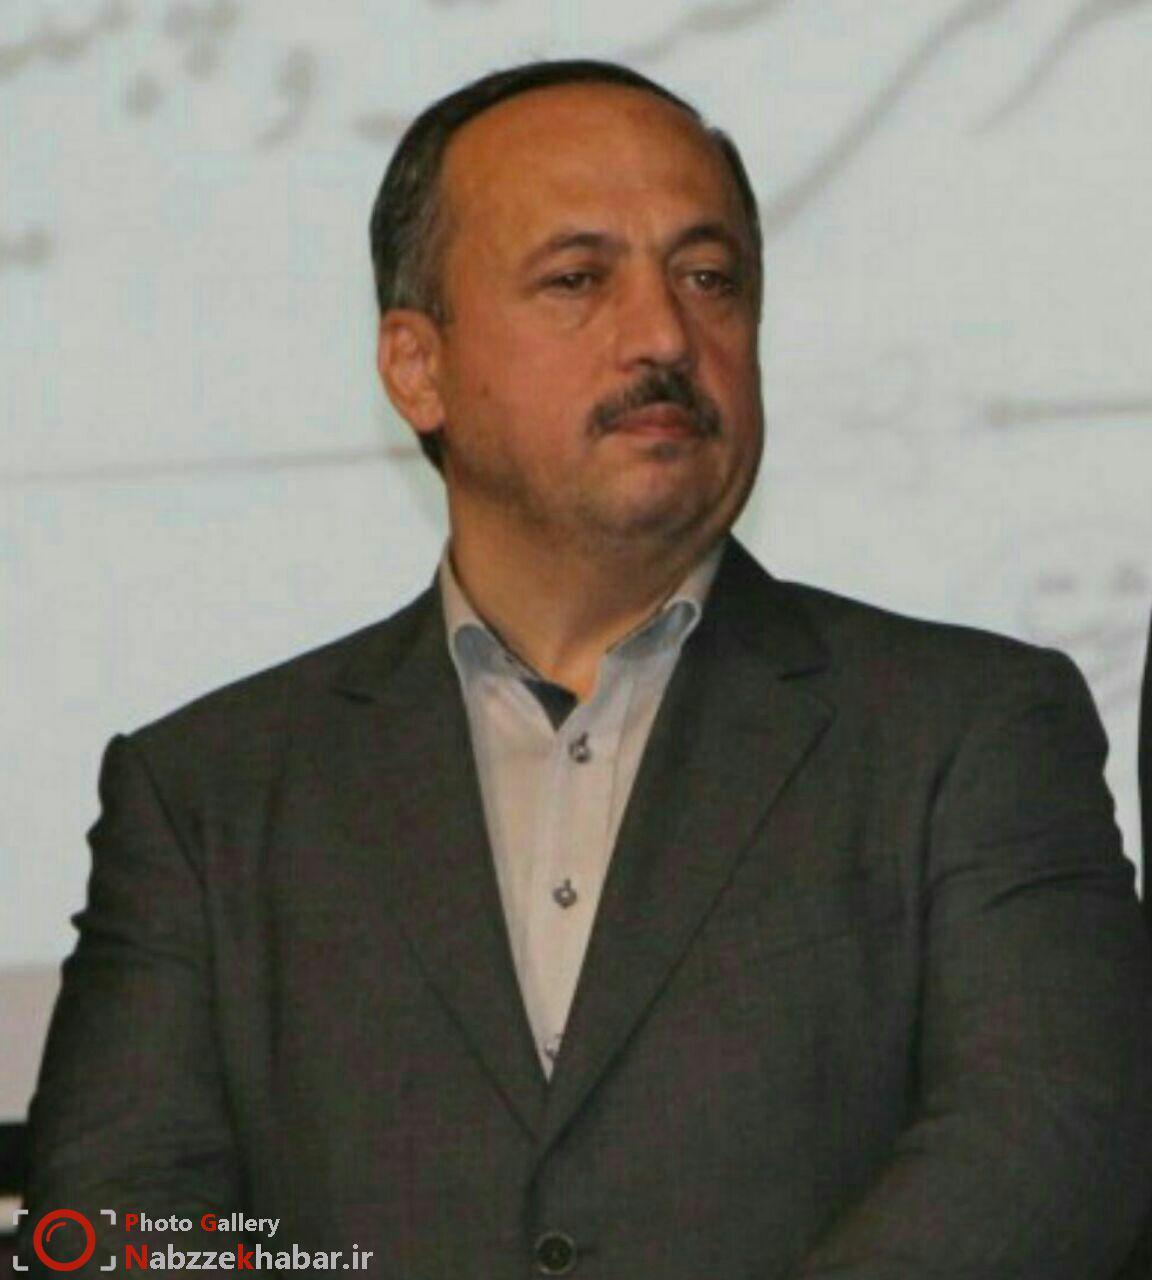 دکتر نصرتی : کار تفکیک زباله از مبدا به پیمانکاران رفت و روب مناطق پنجگانه ی رشت سپرده می شود